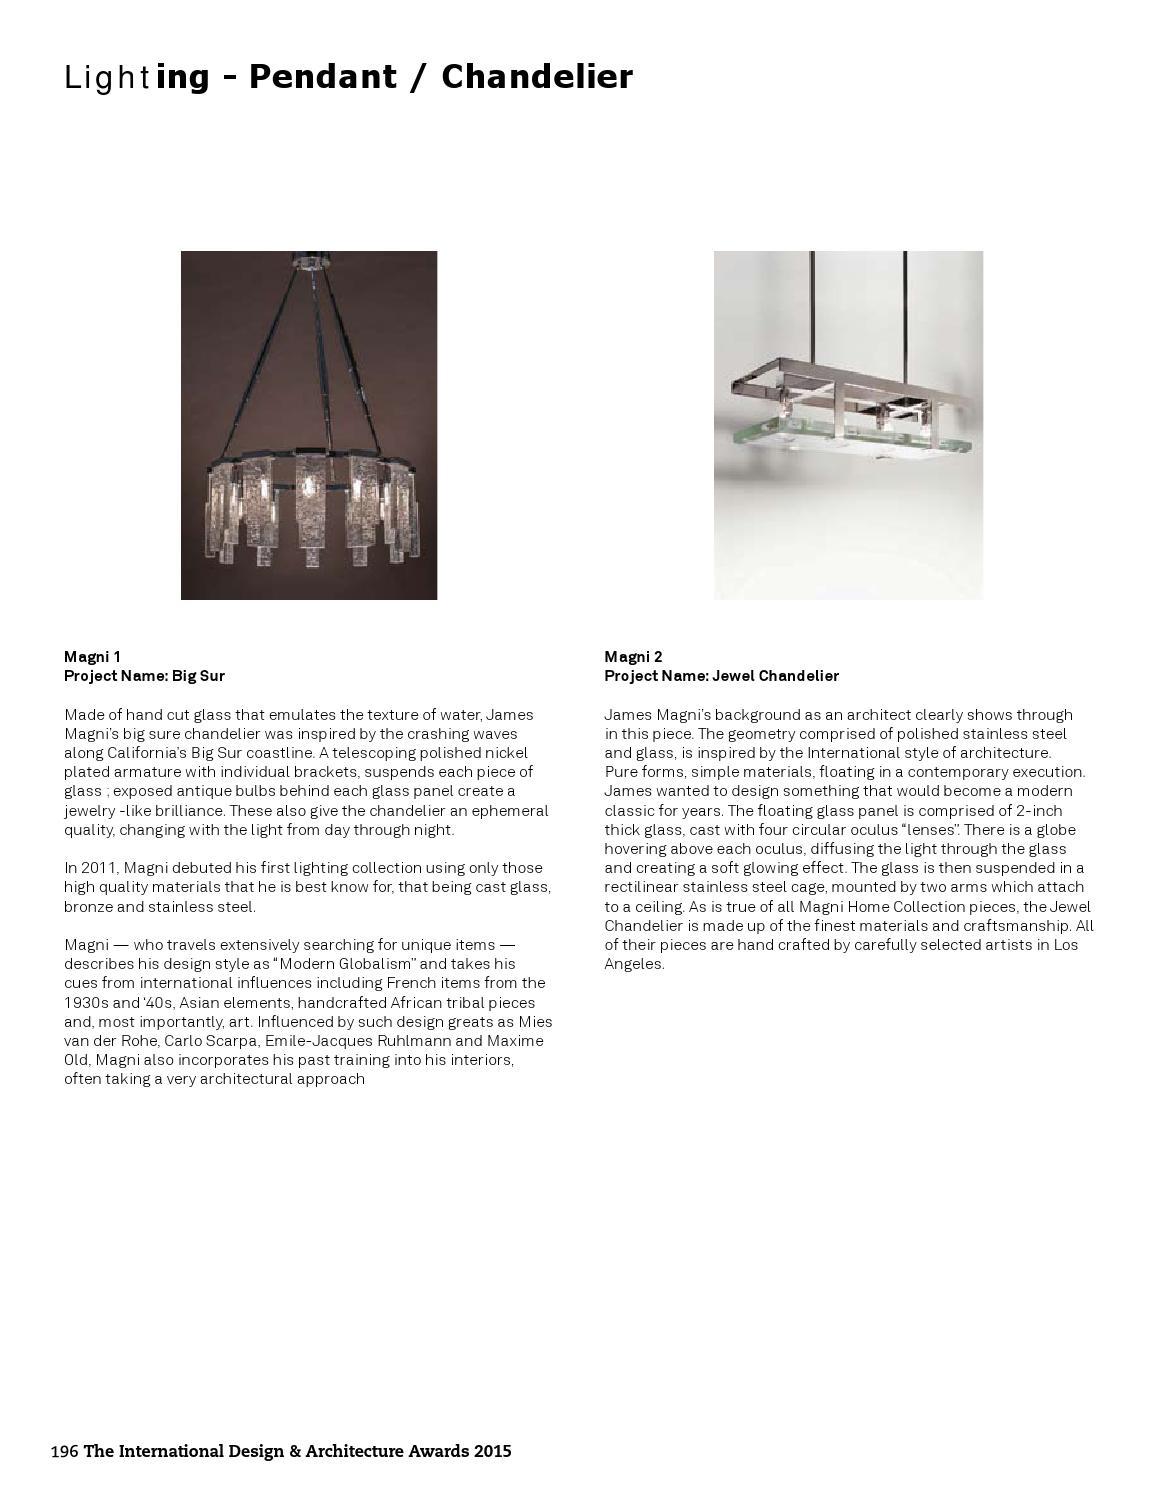 ida 2015 awards book by design et al issuu